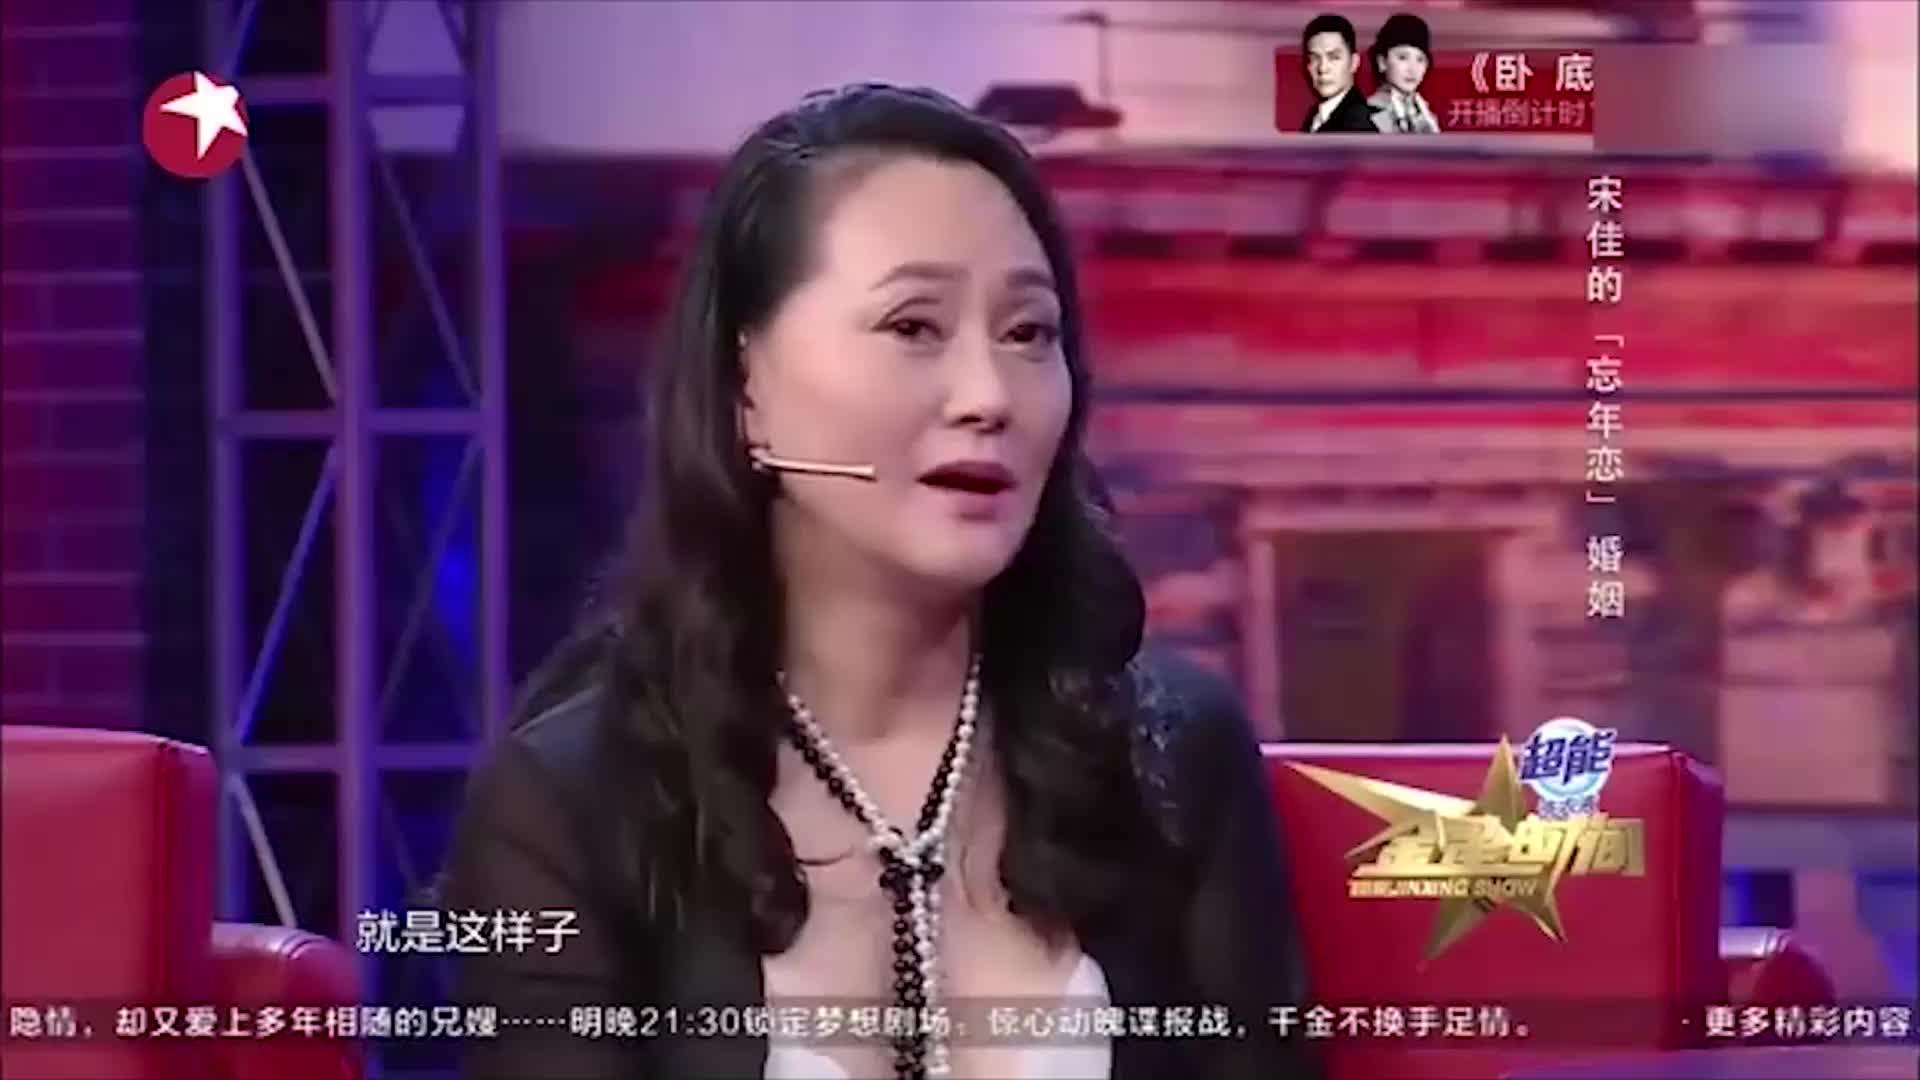 金星秀:宋佳回忆自己的忘年恋婚姻,直言自己不后悔!